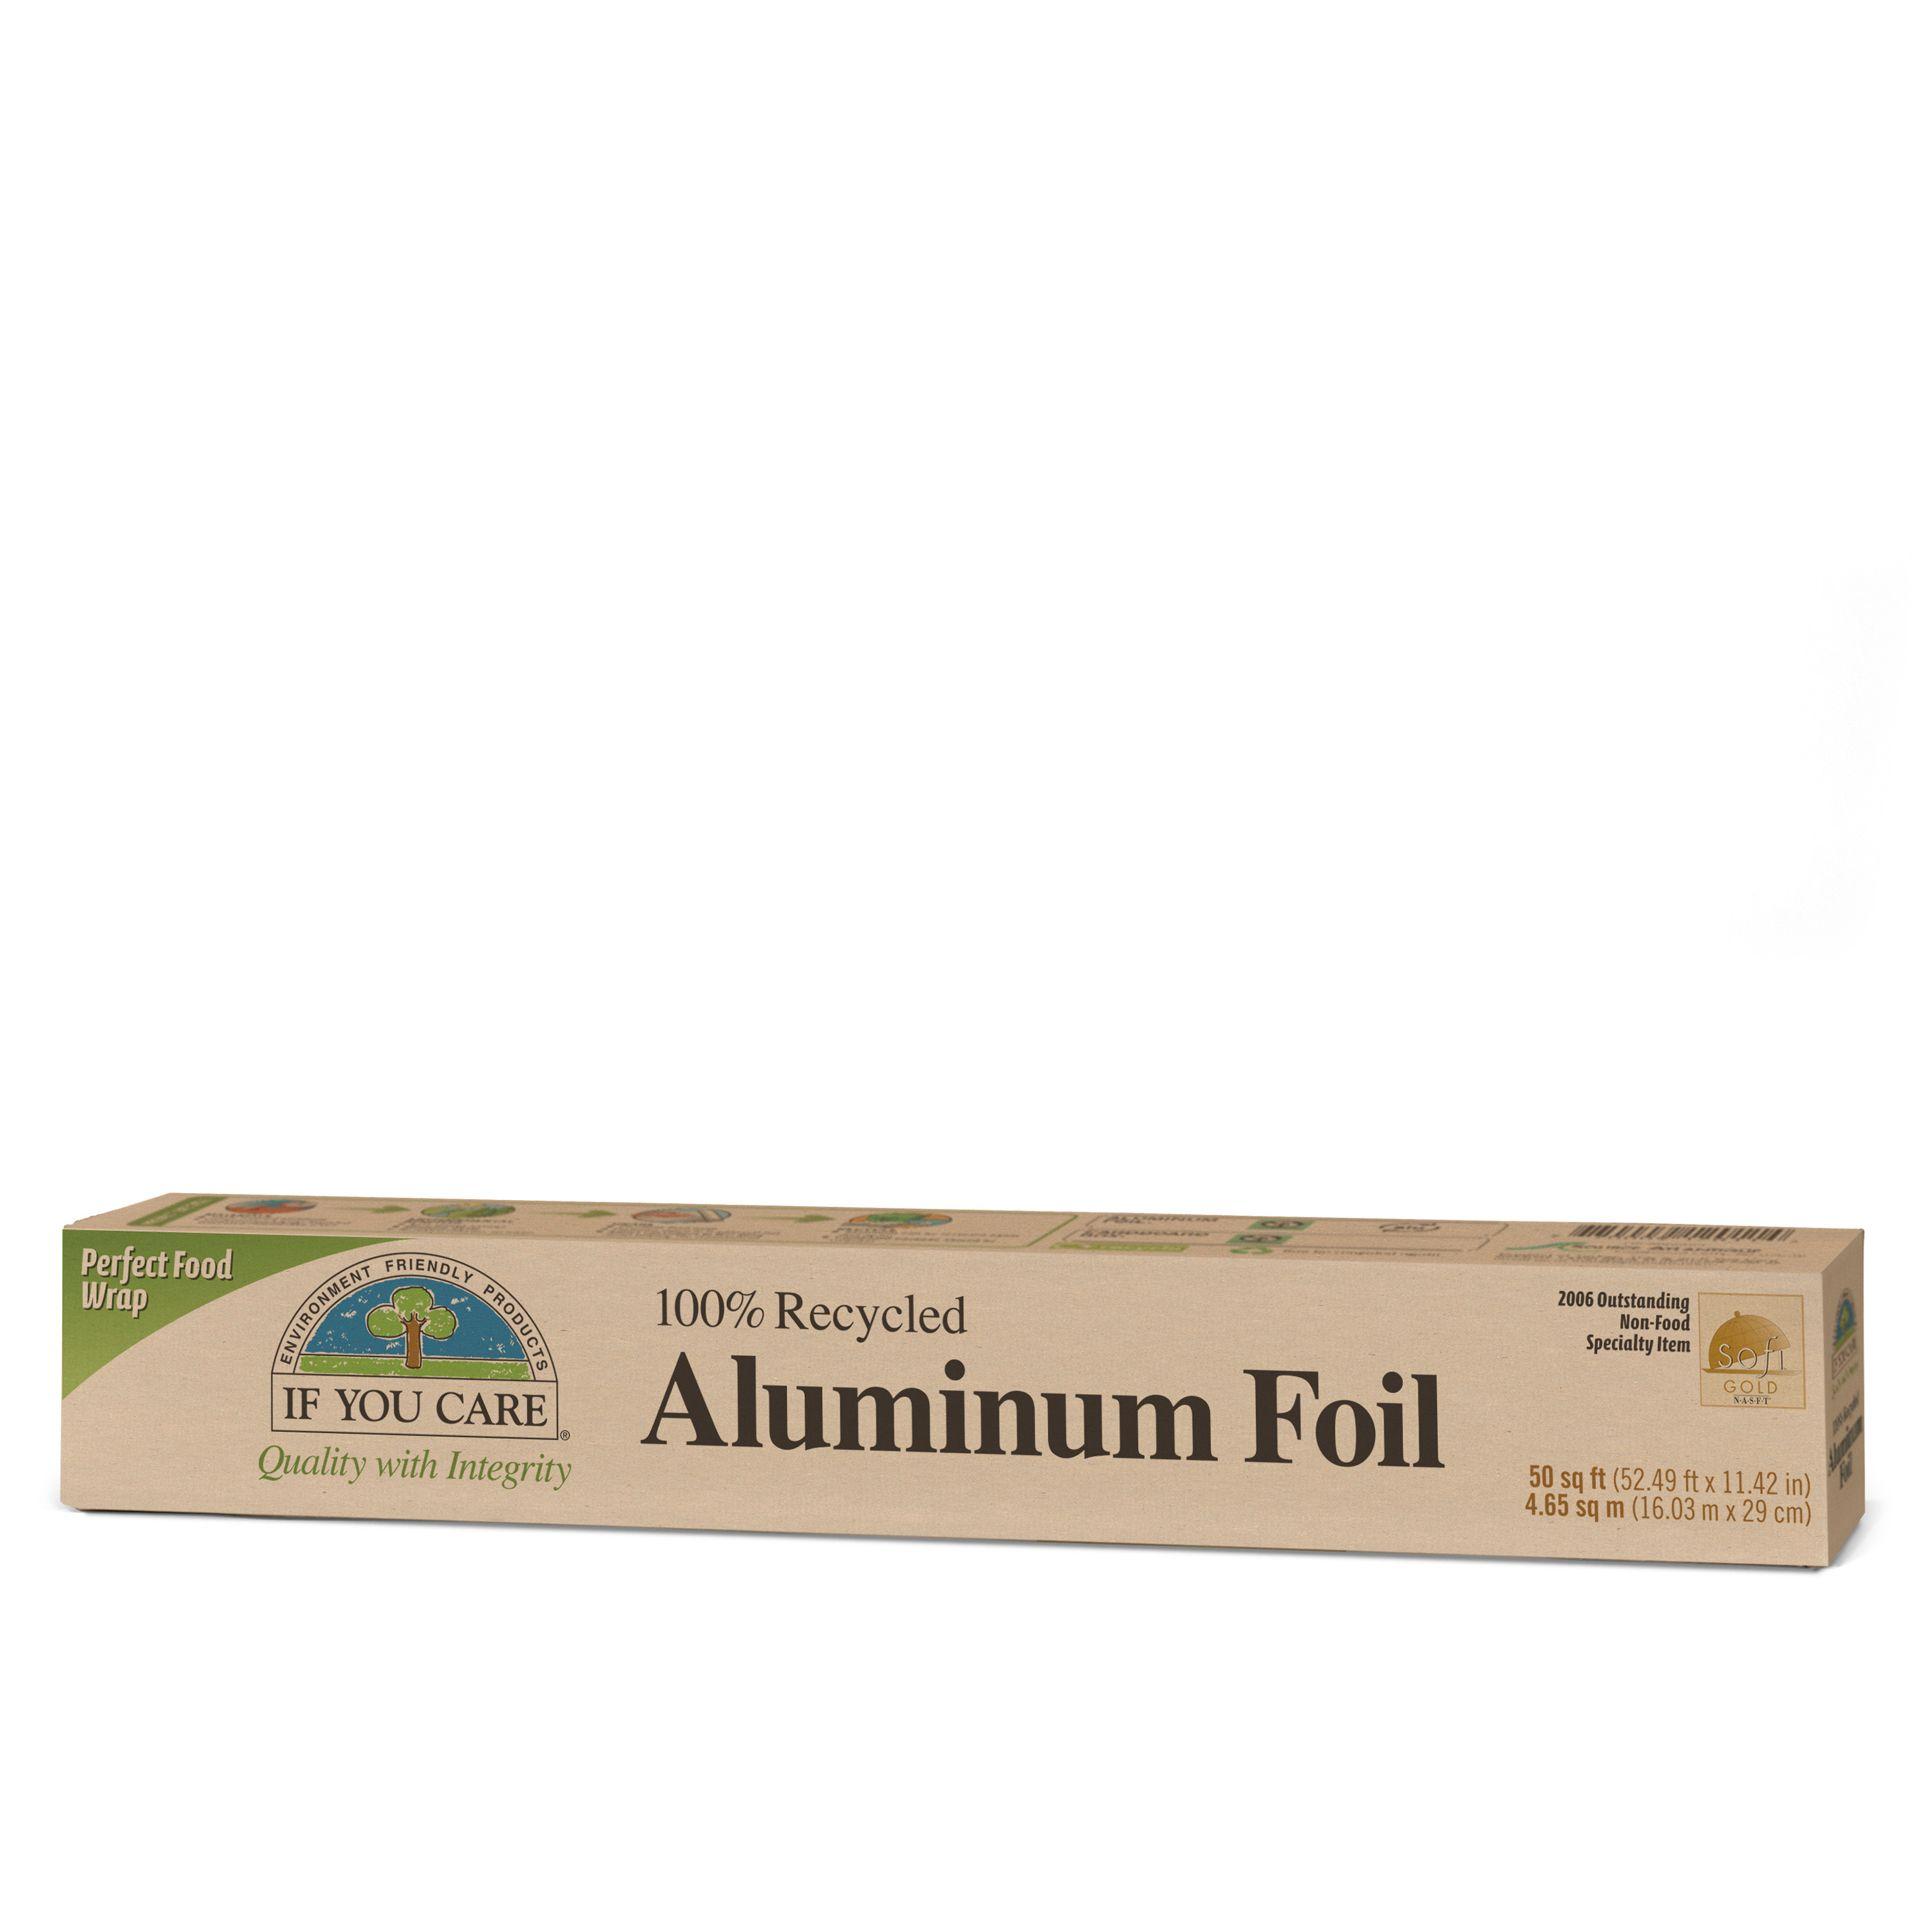 Aluminum Foil3= 14 FEB 20.jpg